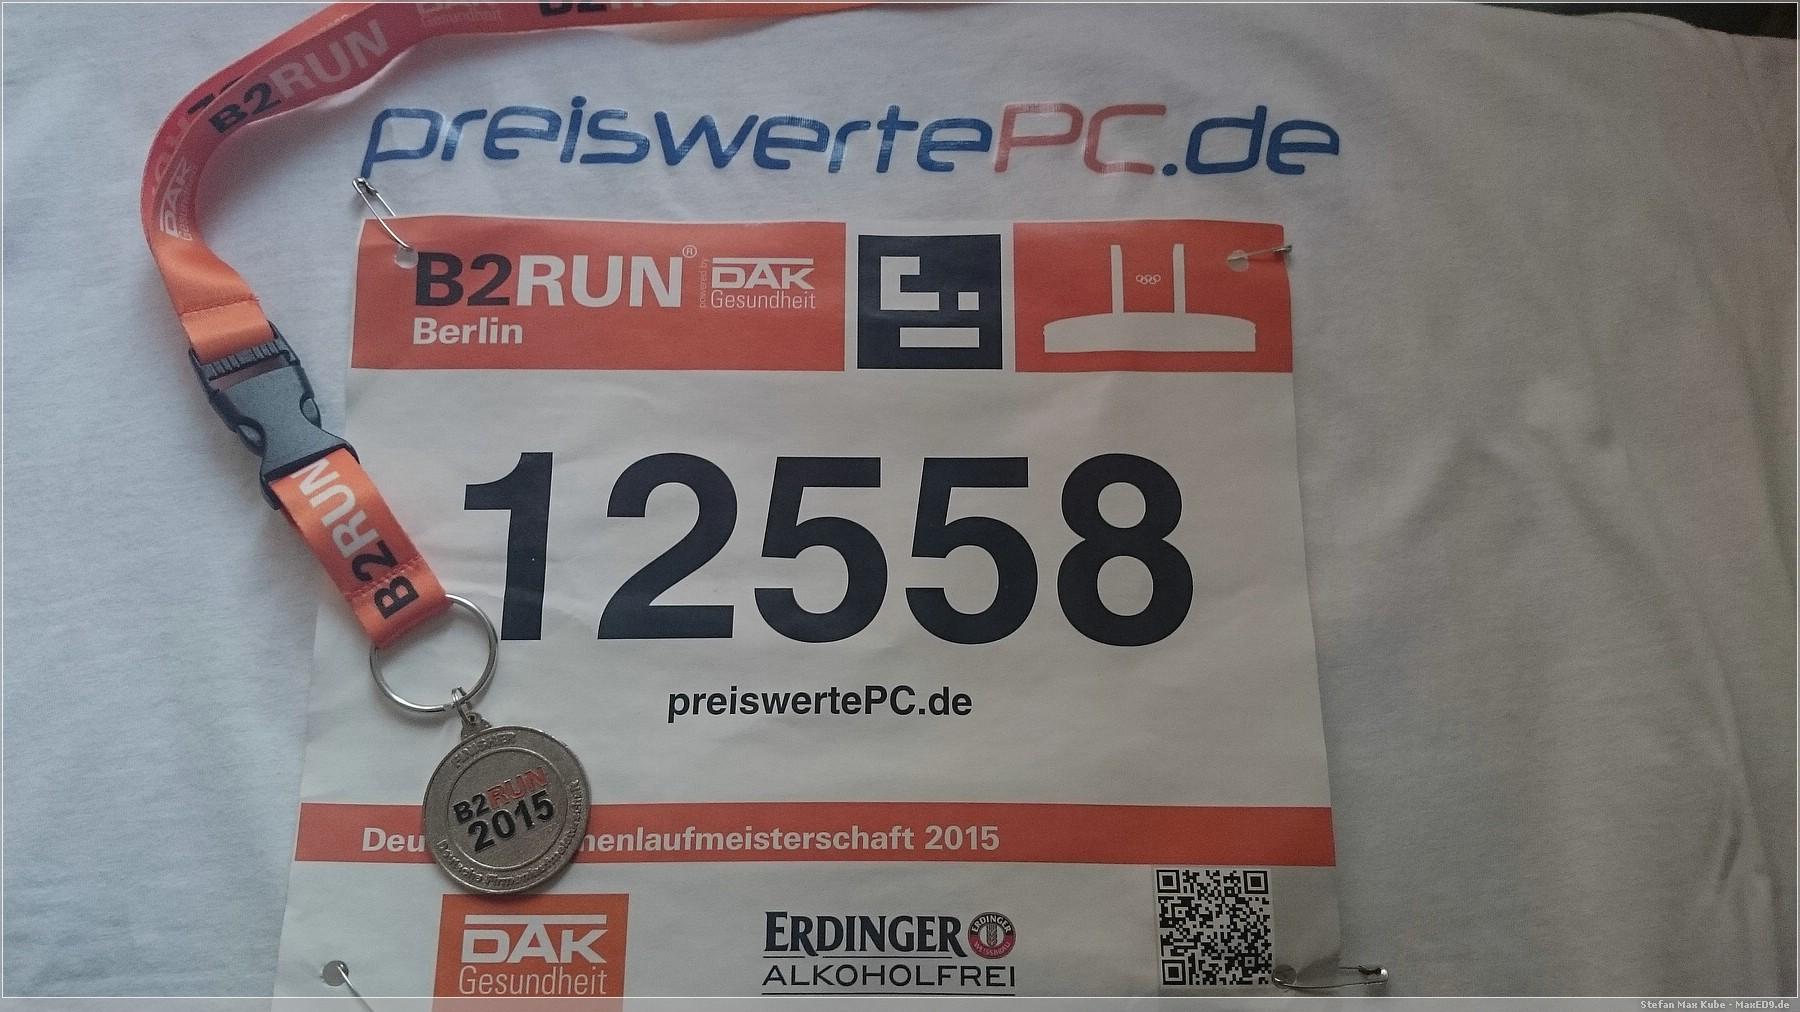 B2run Startnummer 12558, die Medaille